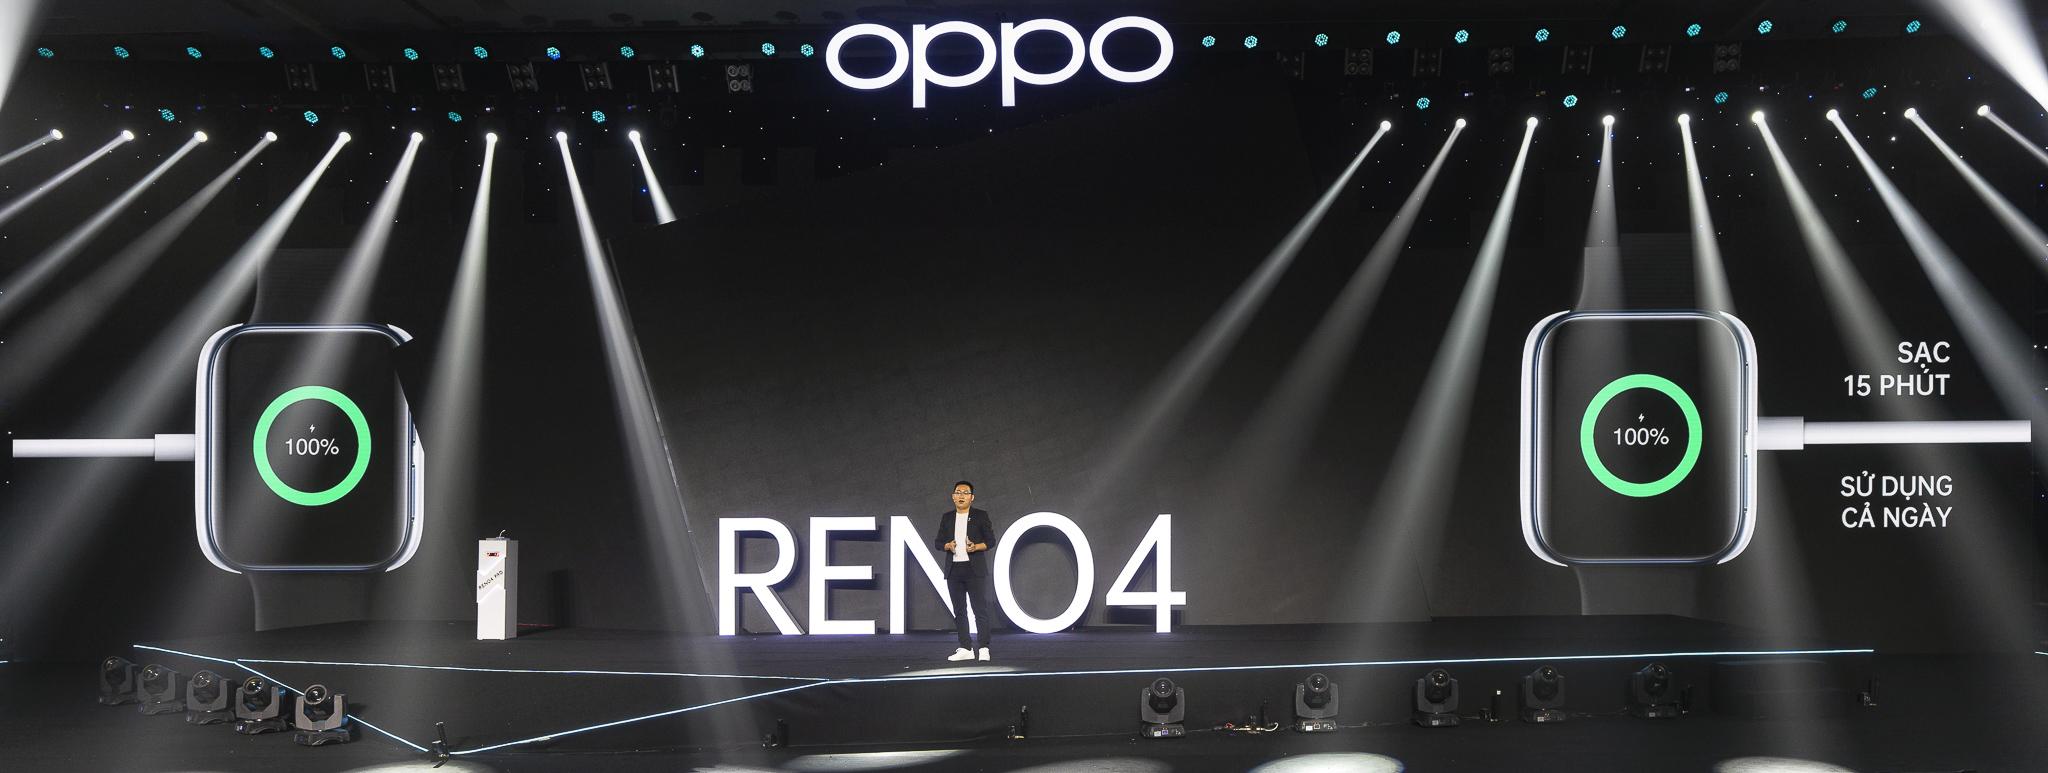 Cụm camera tăng cường AI OPPO Reno4 và Reno4 Pro ghi điểm tính năng gì nổi bật trong tầm giá? - Ảnh 5.